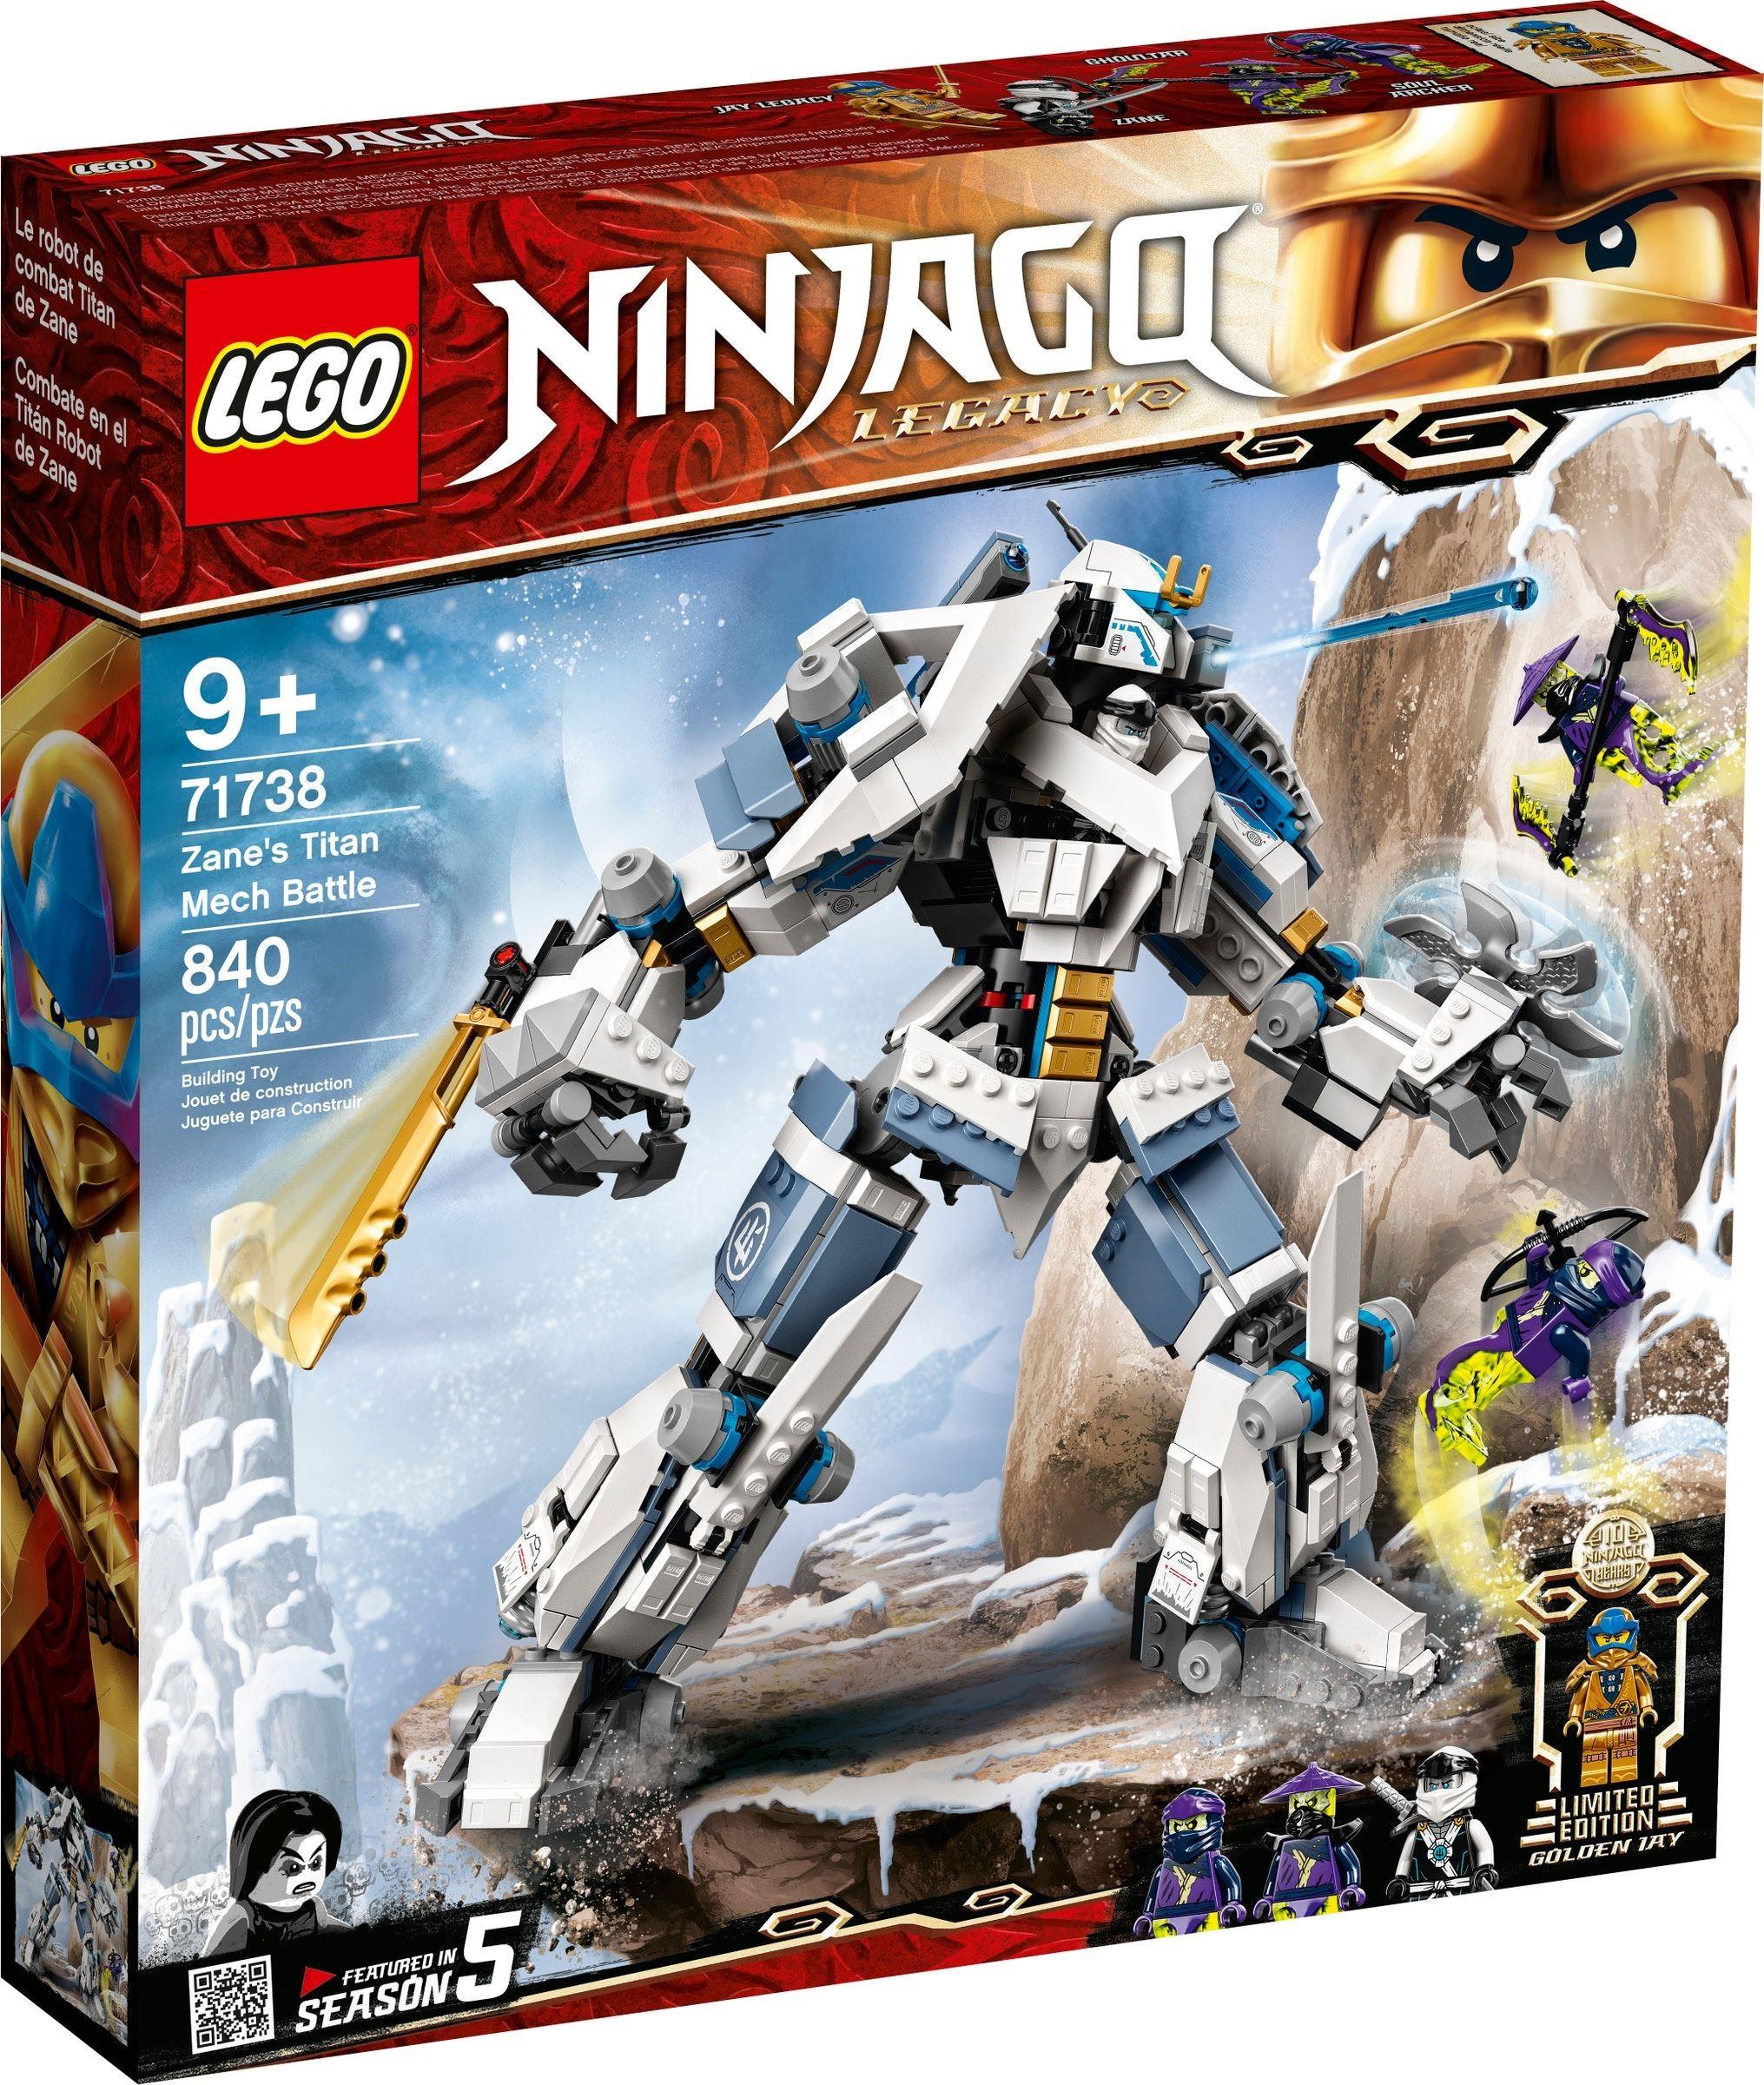 LEGO Ninjago - Zane's Titan Mech Battle (71738)